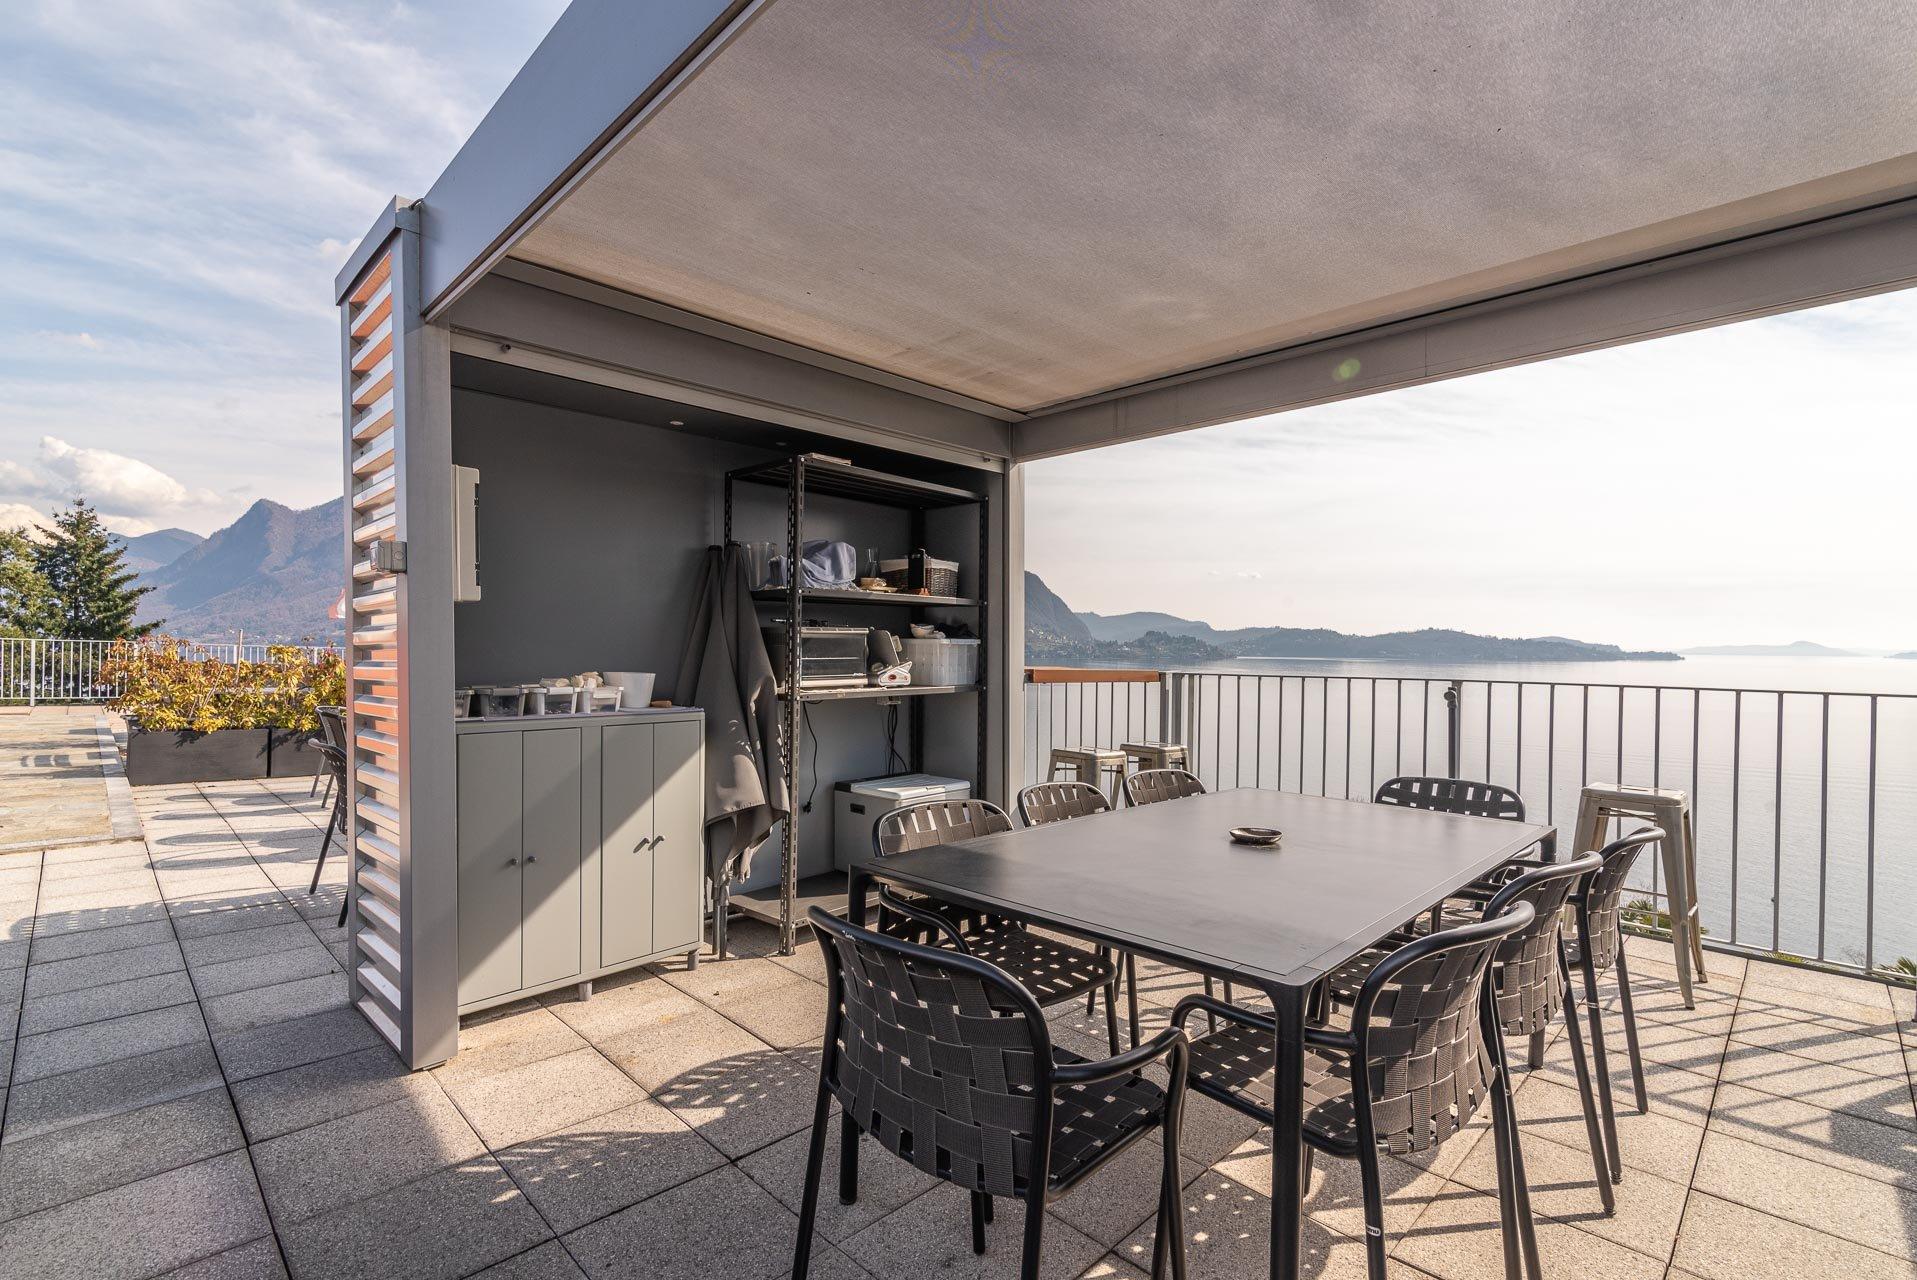 Vendita Loft Ristrutturato a Ghiffa Lago Maggiore